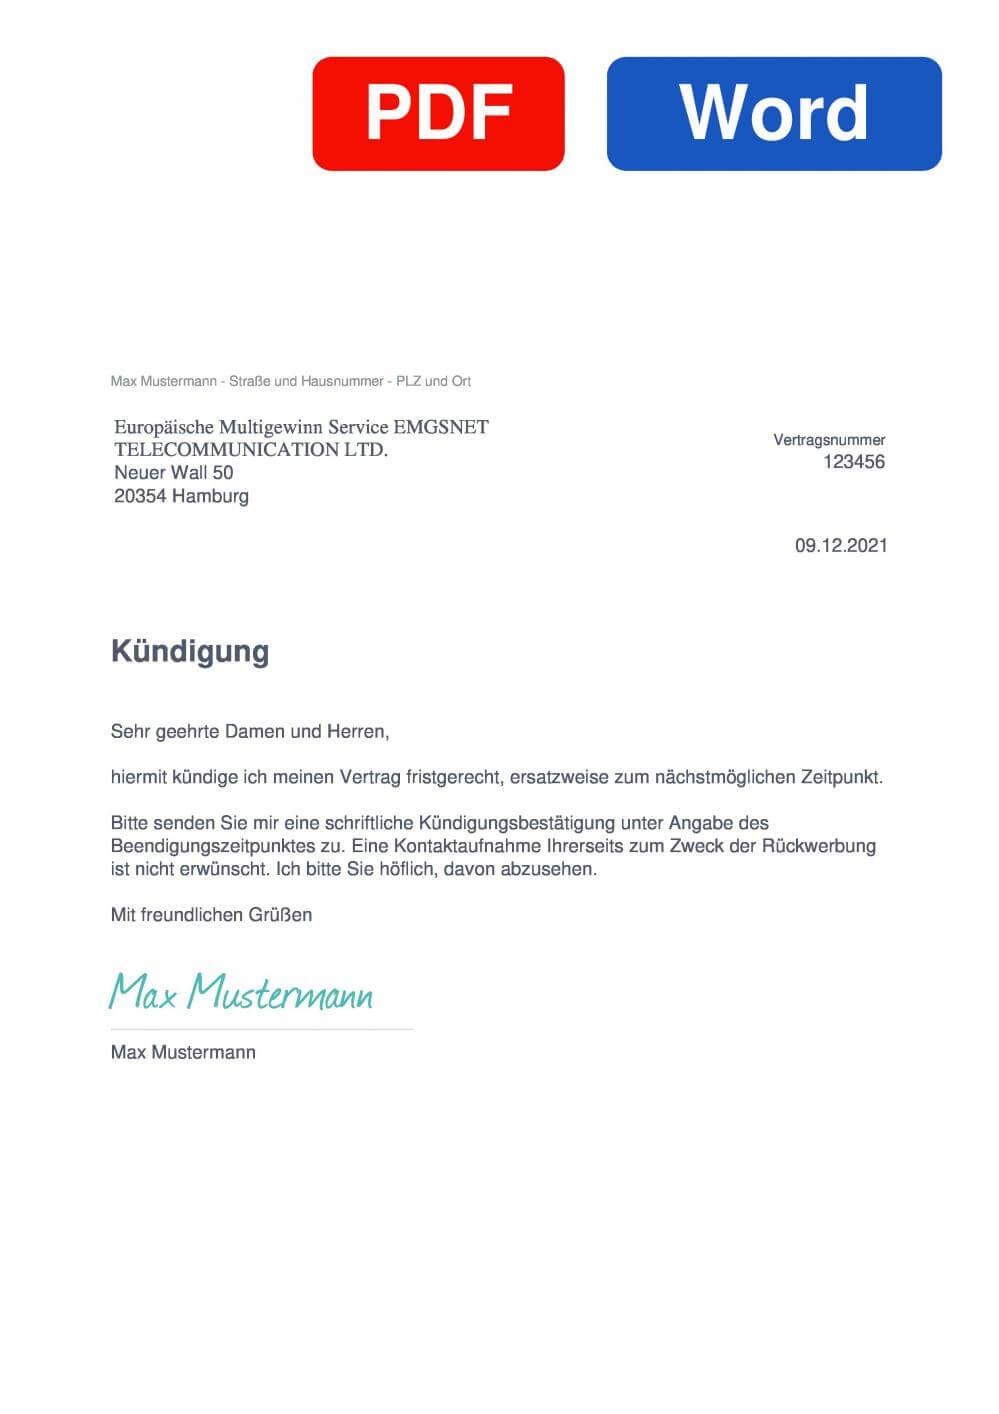 EMGS Muster Vorlage für Kündigungsschreiben